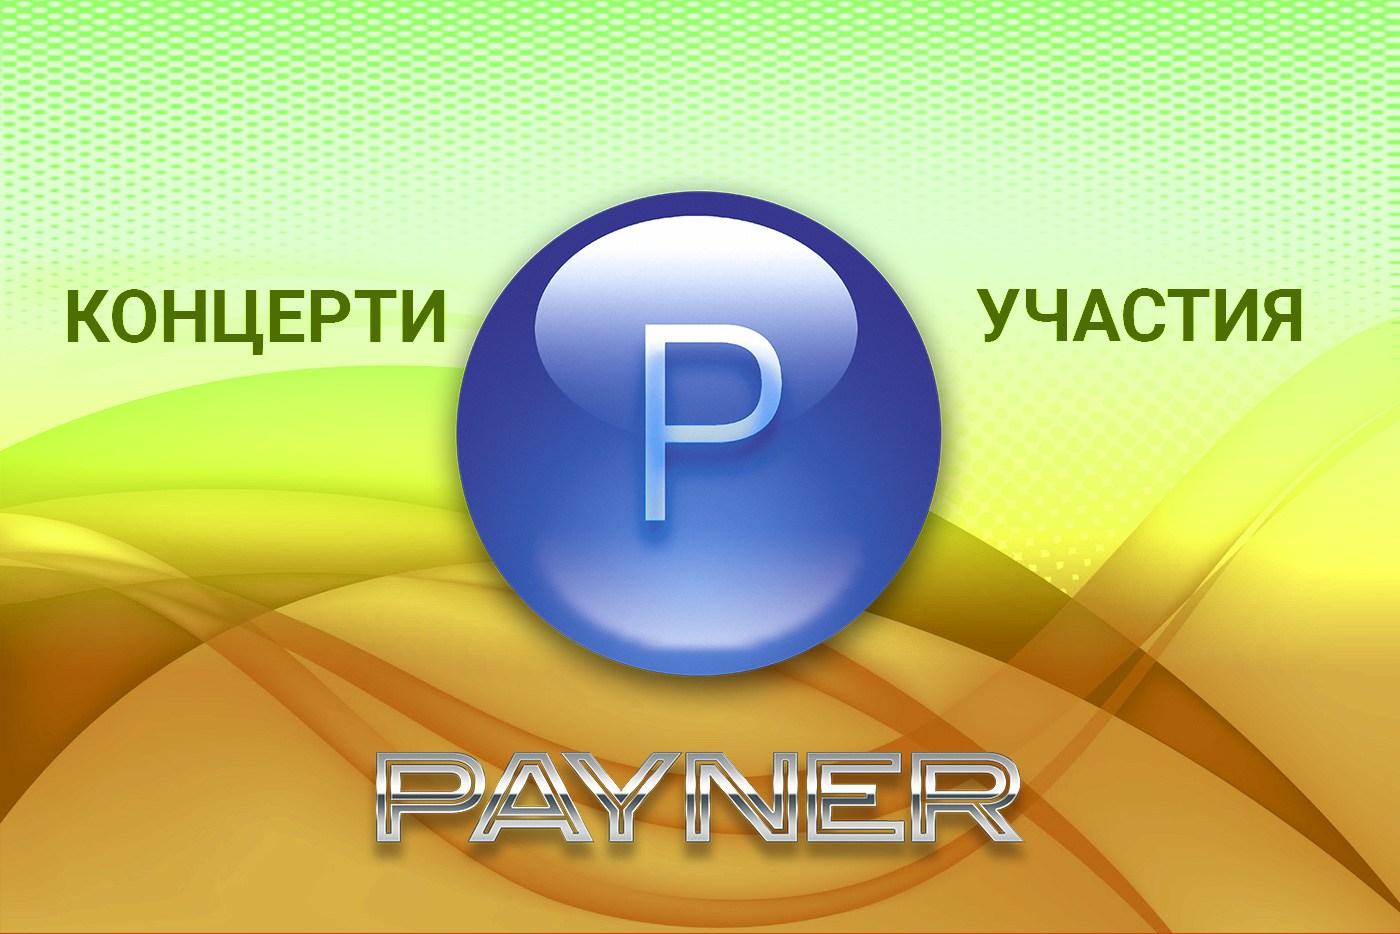 """Участия на звездите на """"Пайнер"""" на 27.01.2017"""